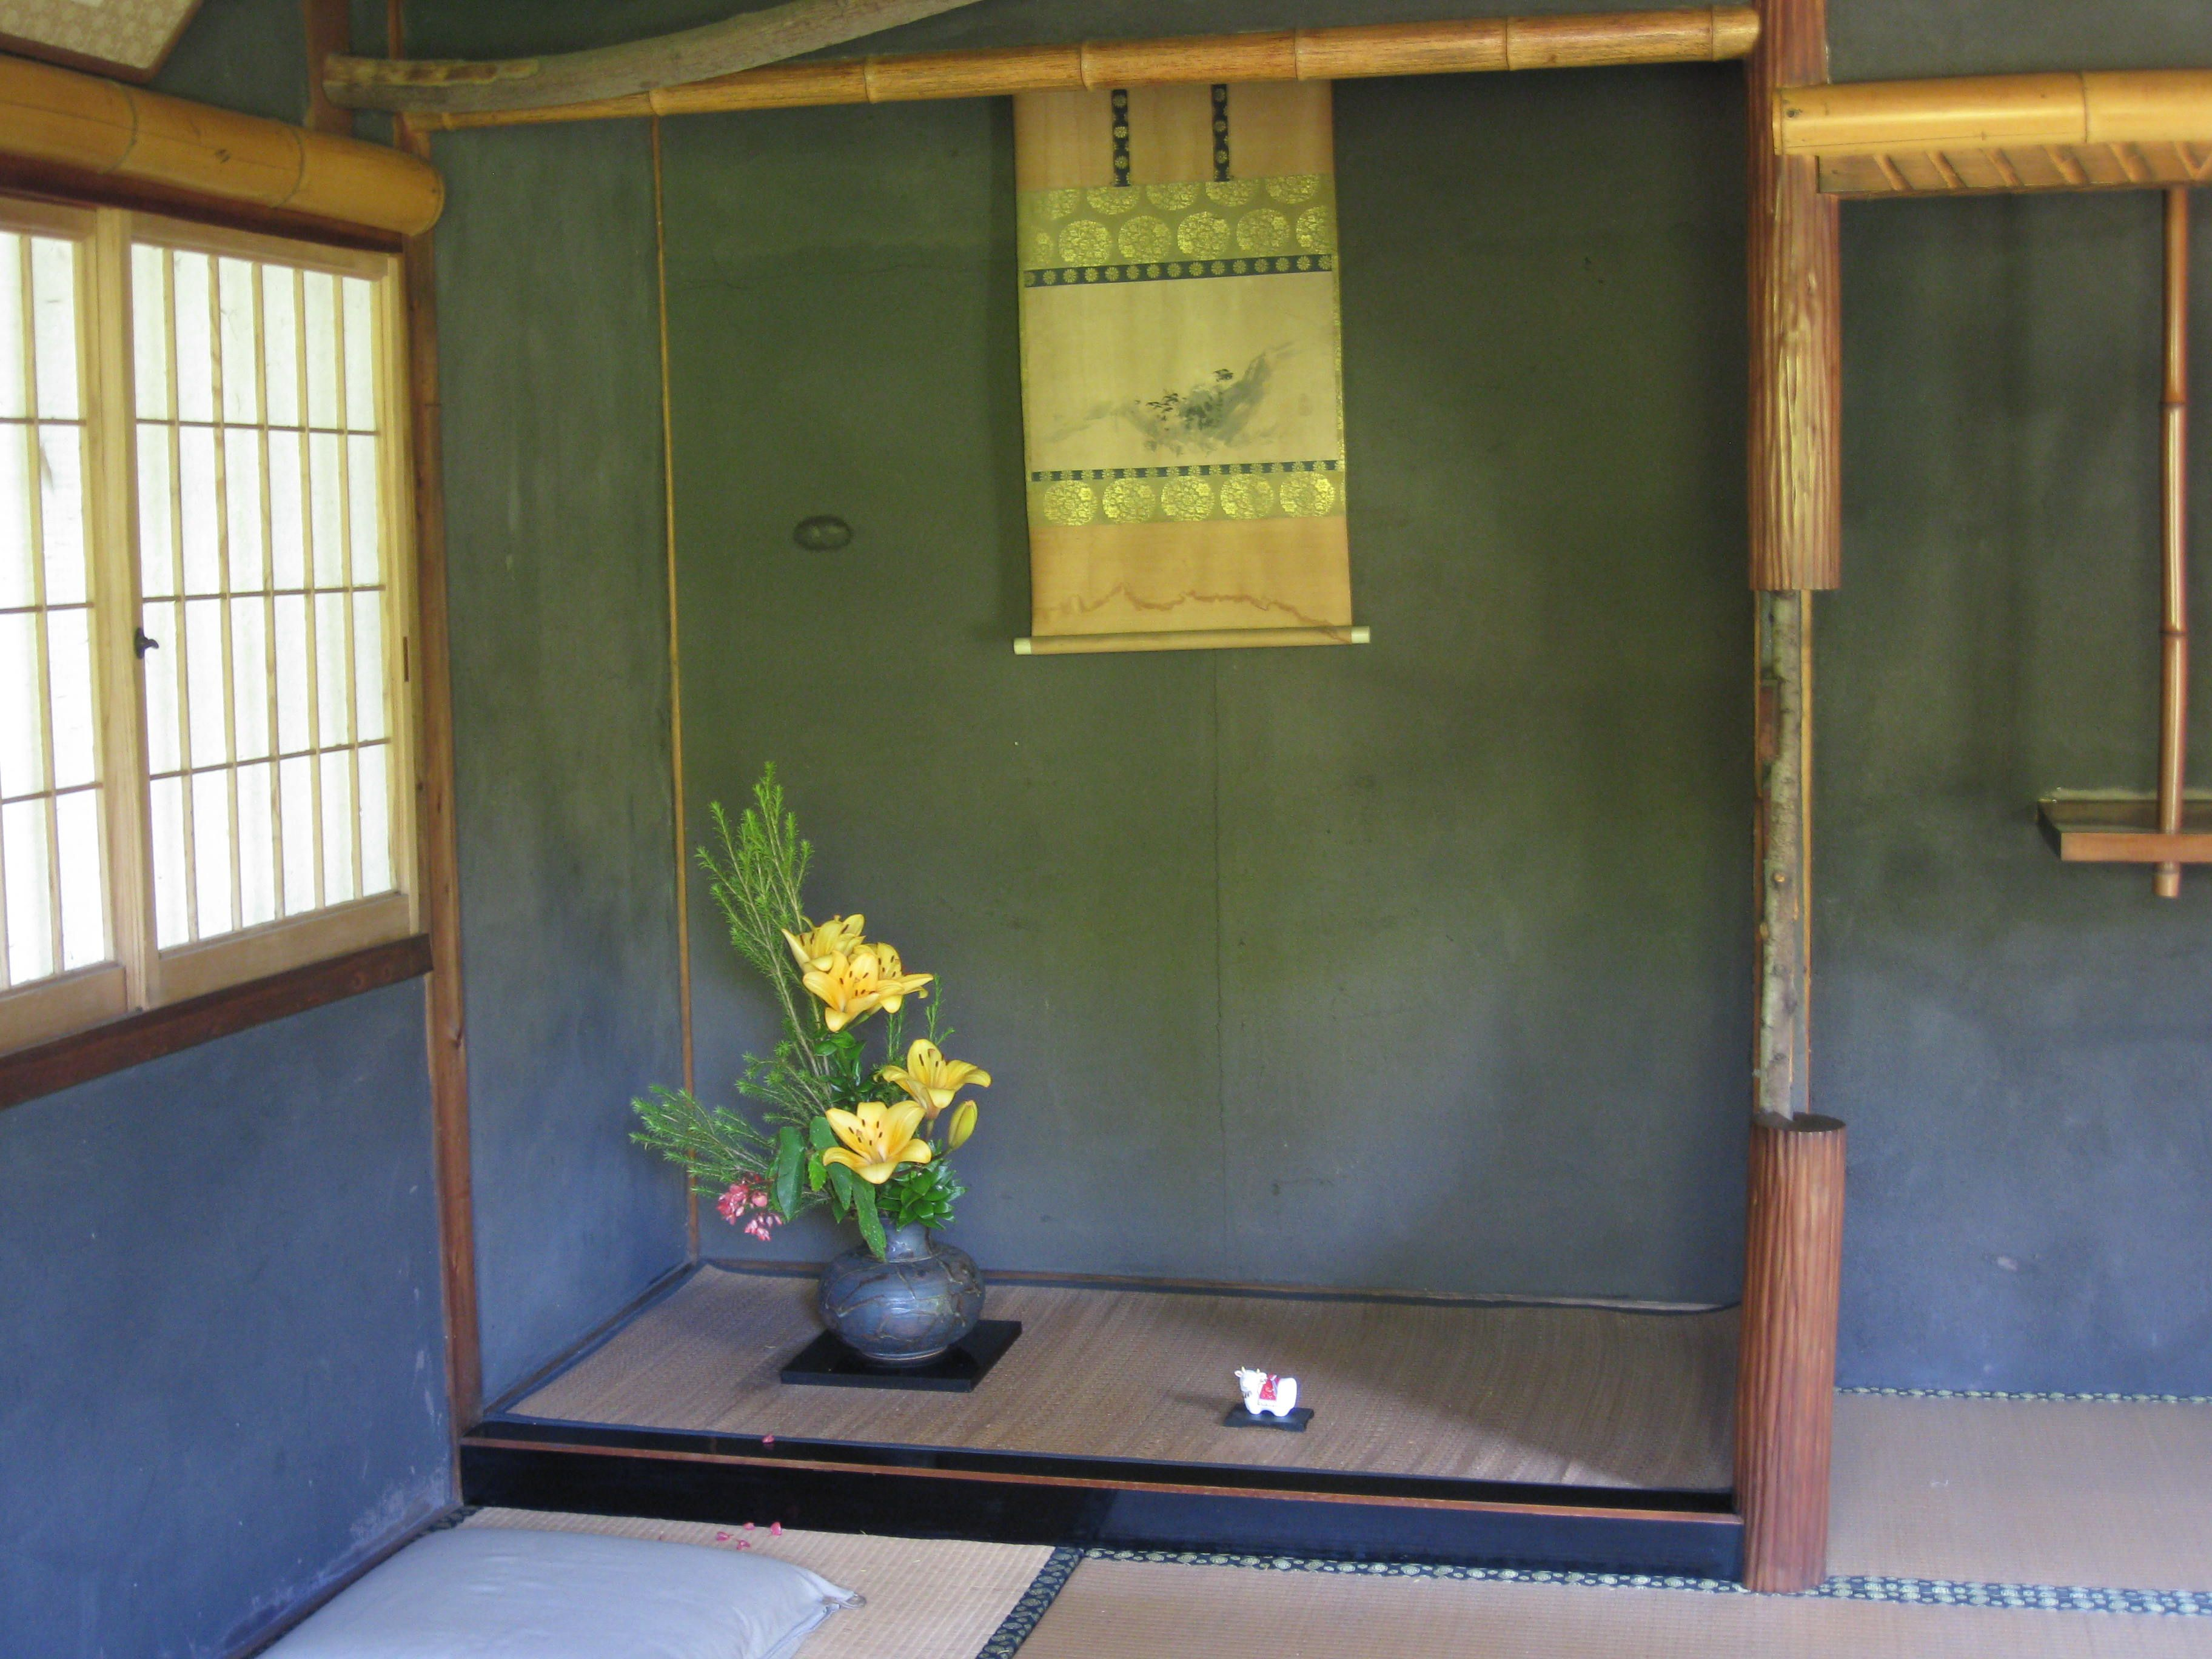 japanese house interiors. Japanese Tea House Interior The altar inside the teahouse